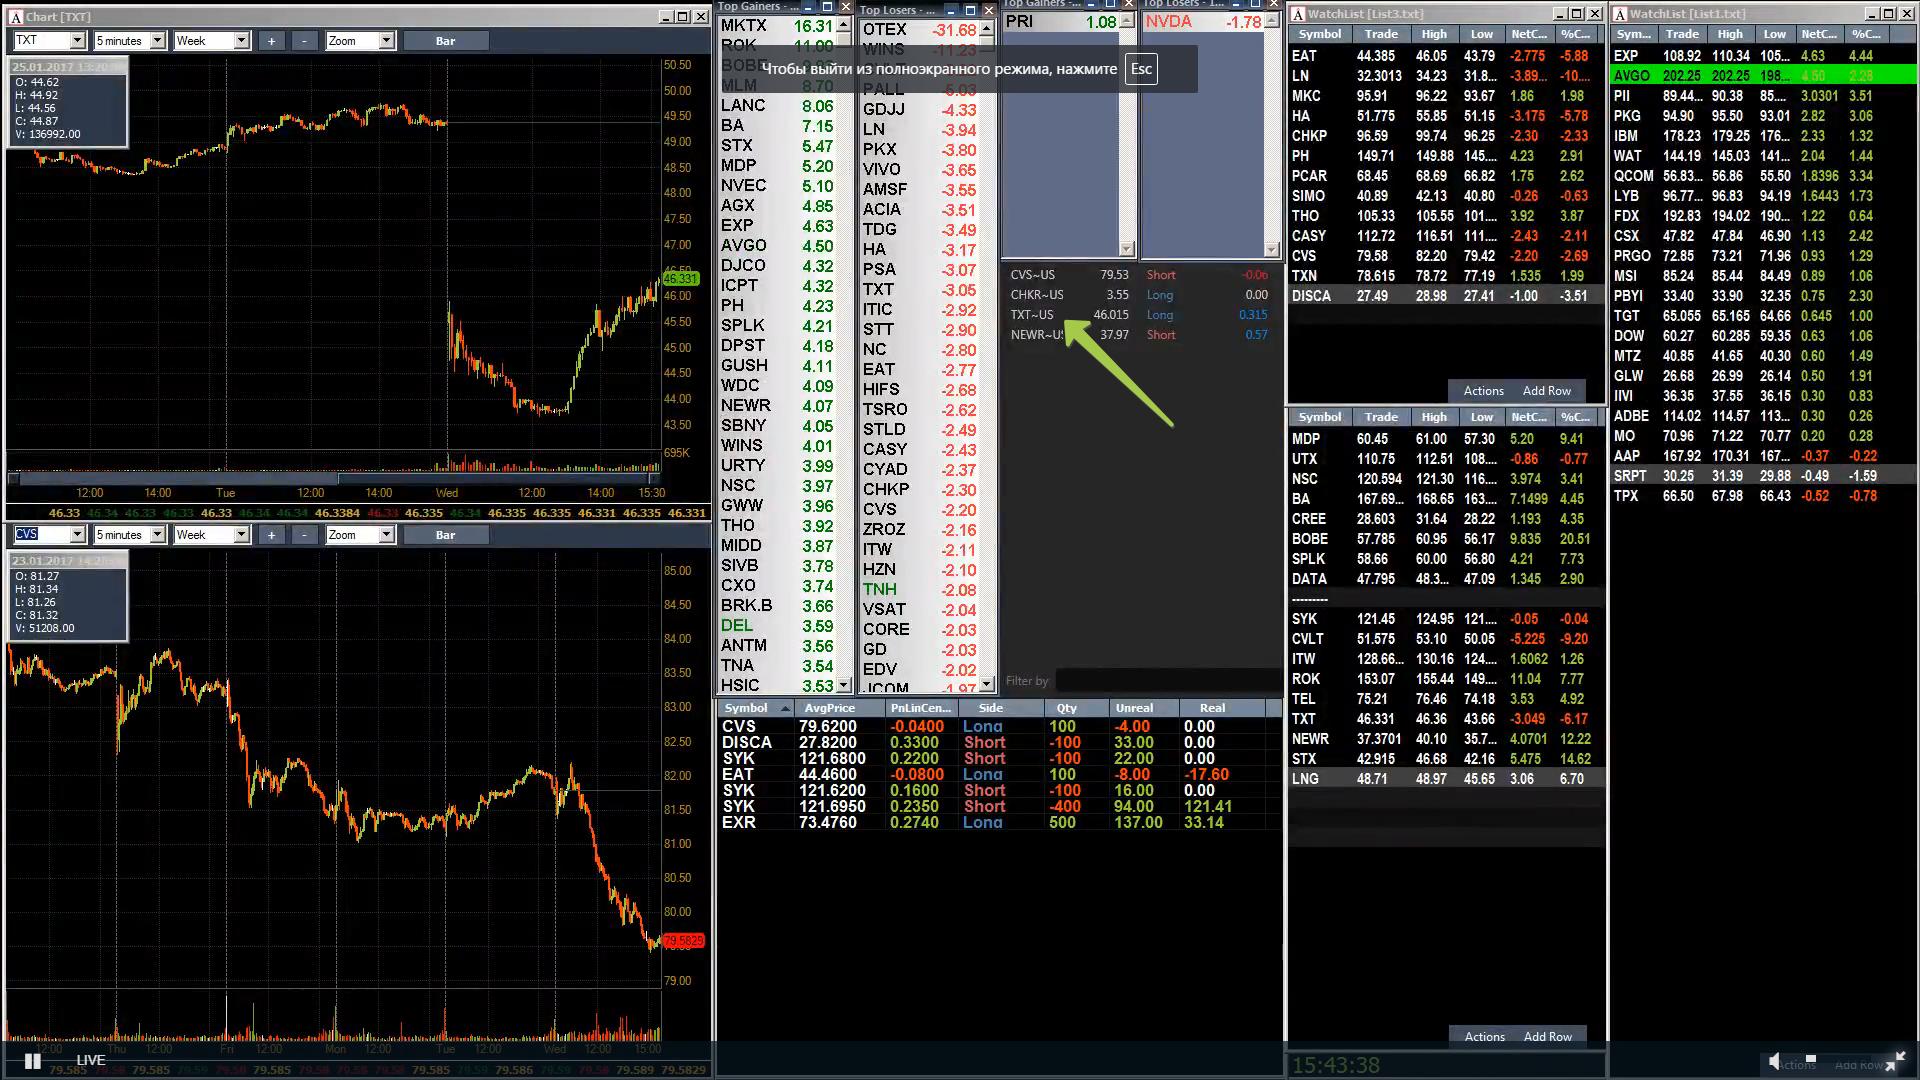 Trading Floor Review 61 - Сезон в разгаре, Dow Jones 20,000 + Фишка Сезона